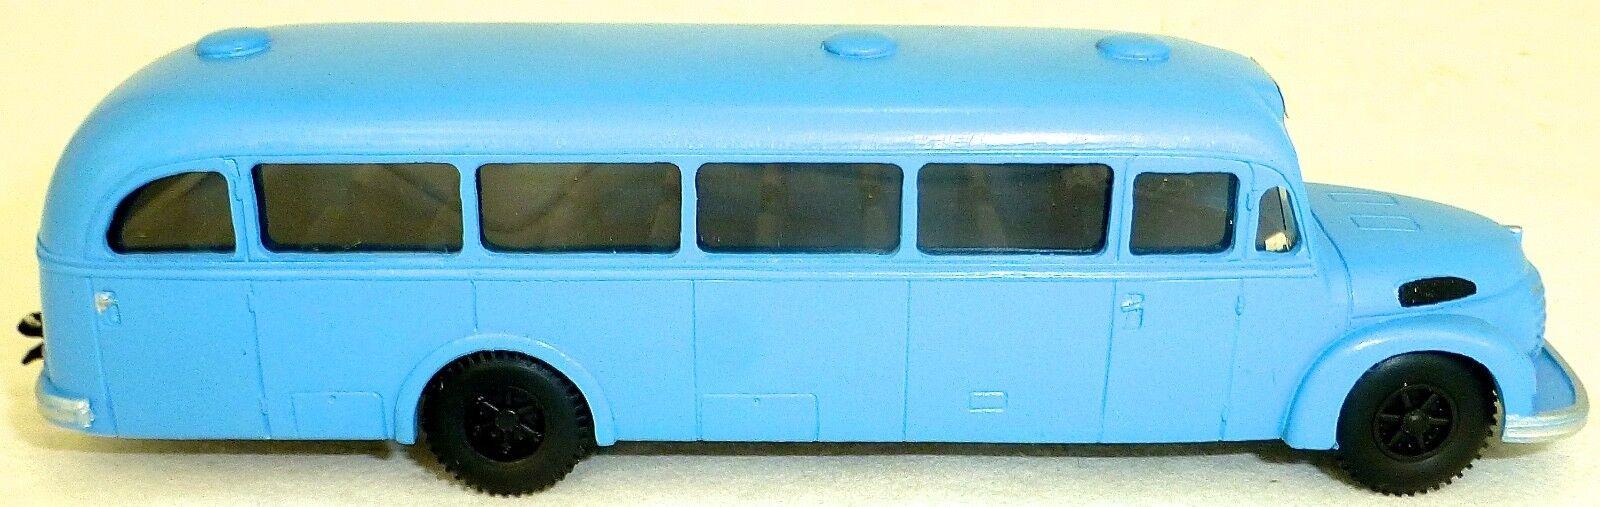 Gr ä f & stift 120 fon 1953 nordbad blaue v & v bus 87 h0 å